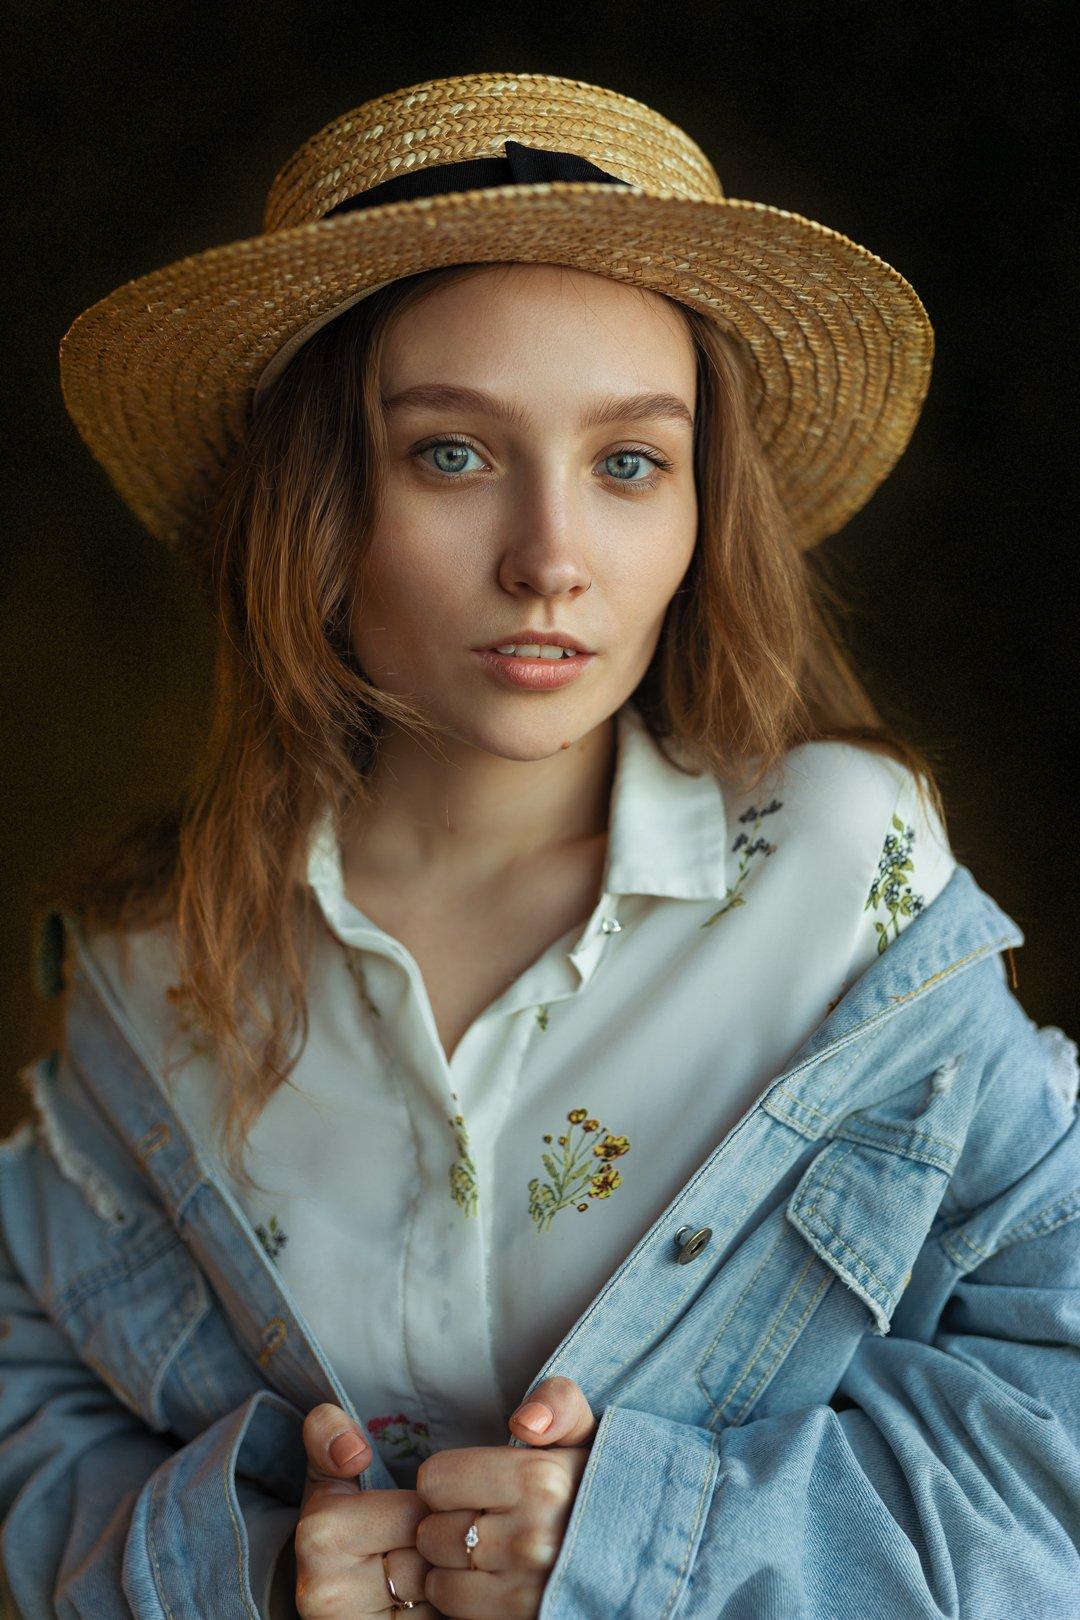 обработка, портрет, модель, арт, art, model, popular, Иван Лосев